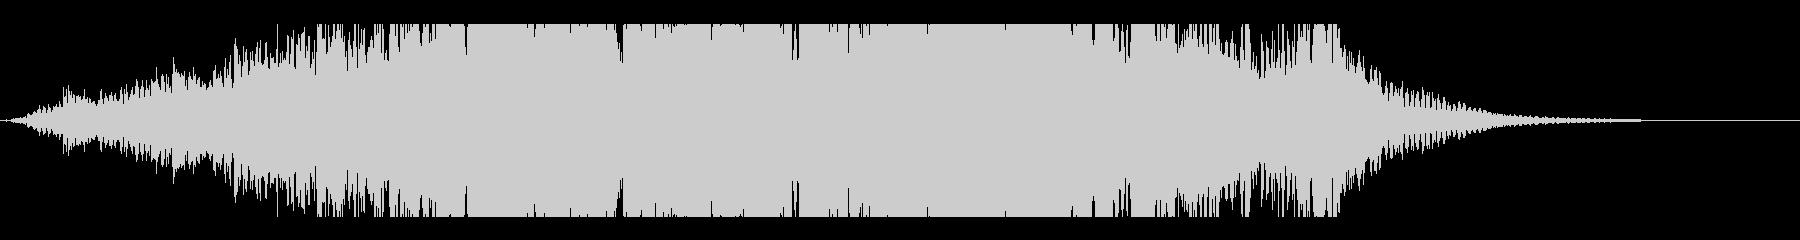 最先端を感じるデジタルノイズサウンドの未再生の波形